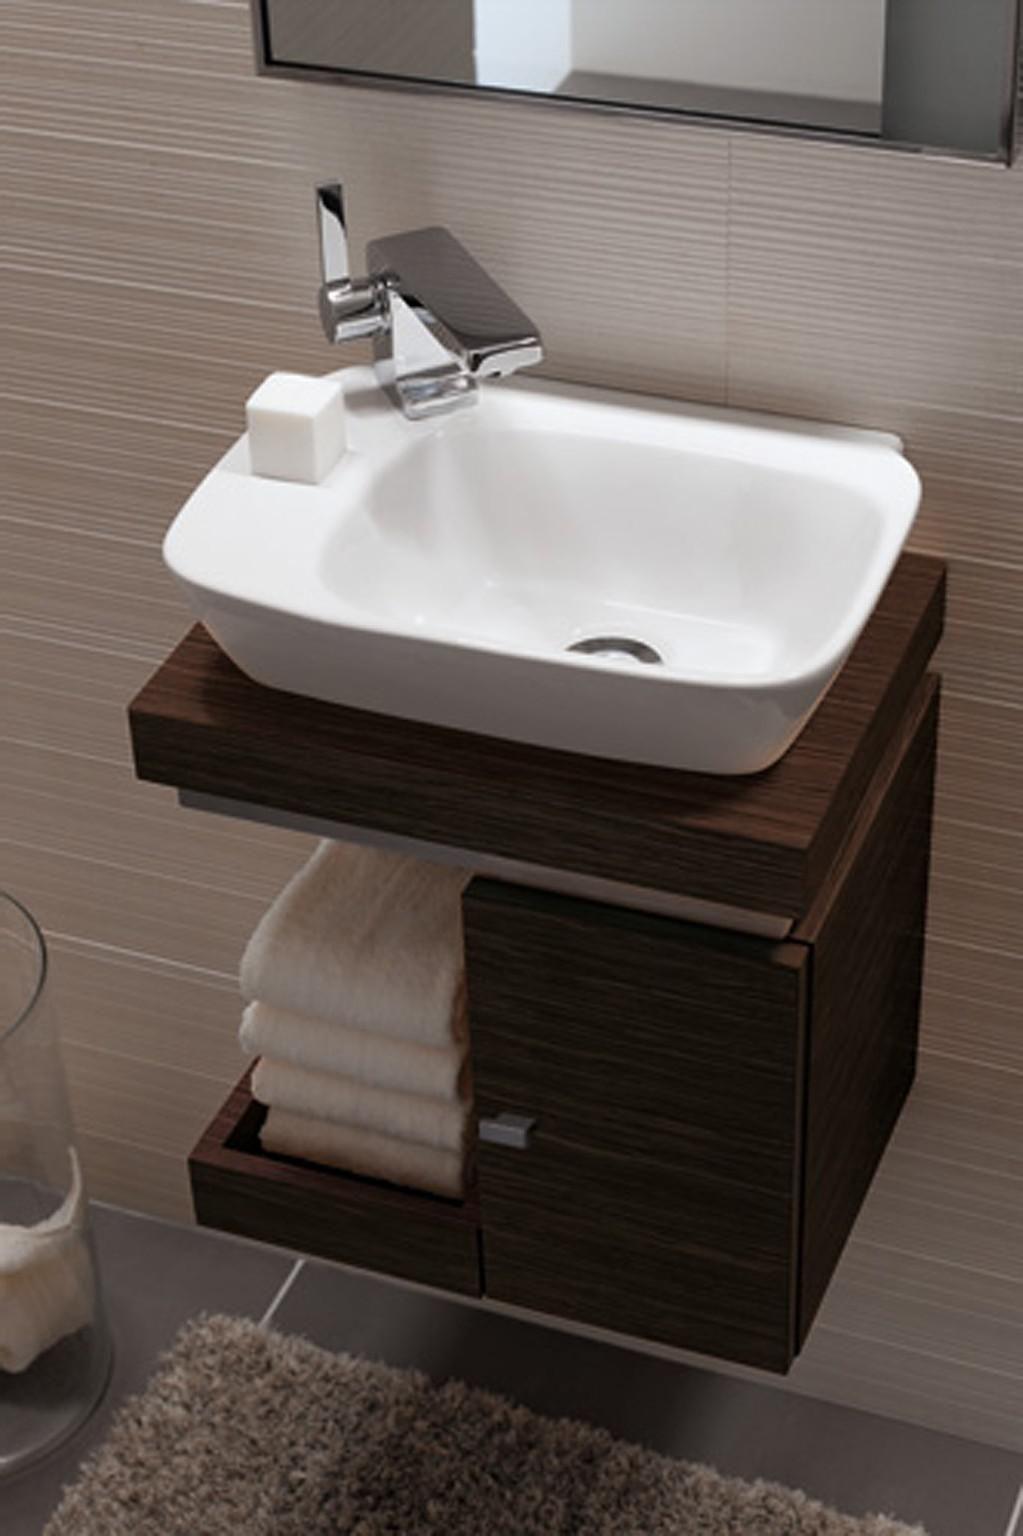 Pin Von Mercia Ntai Auf Bathrooms In 2020 Waschbecken Gaste Wc